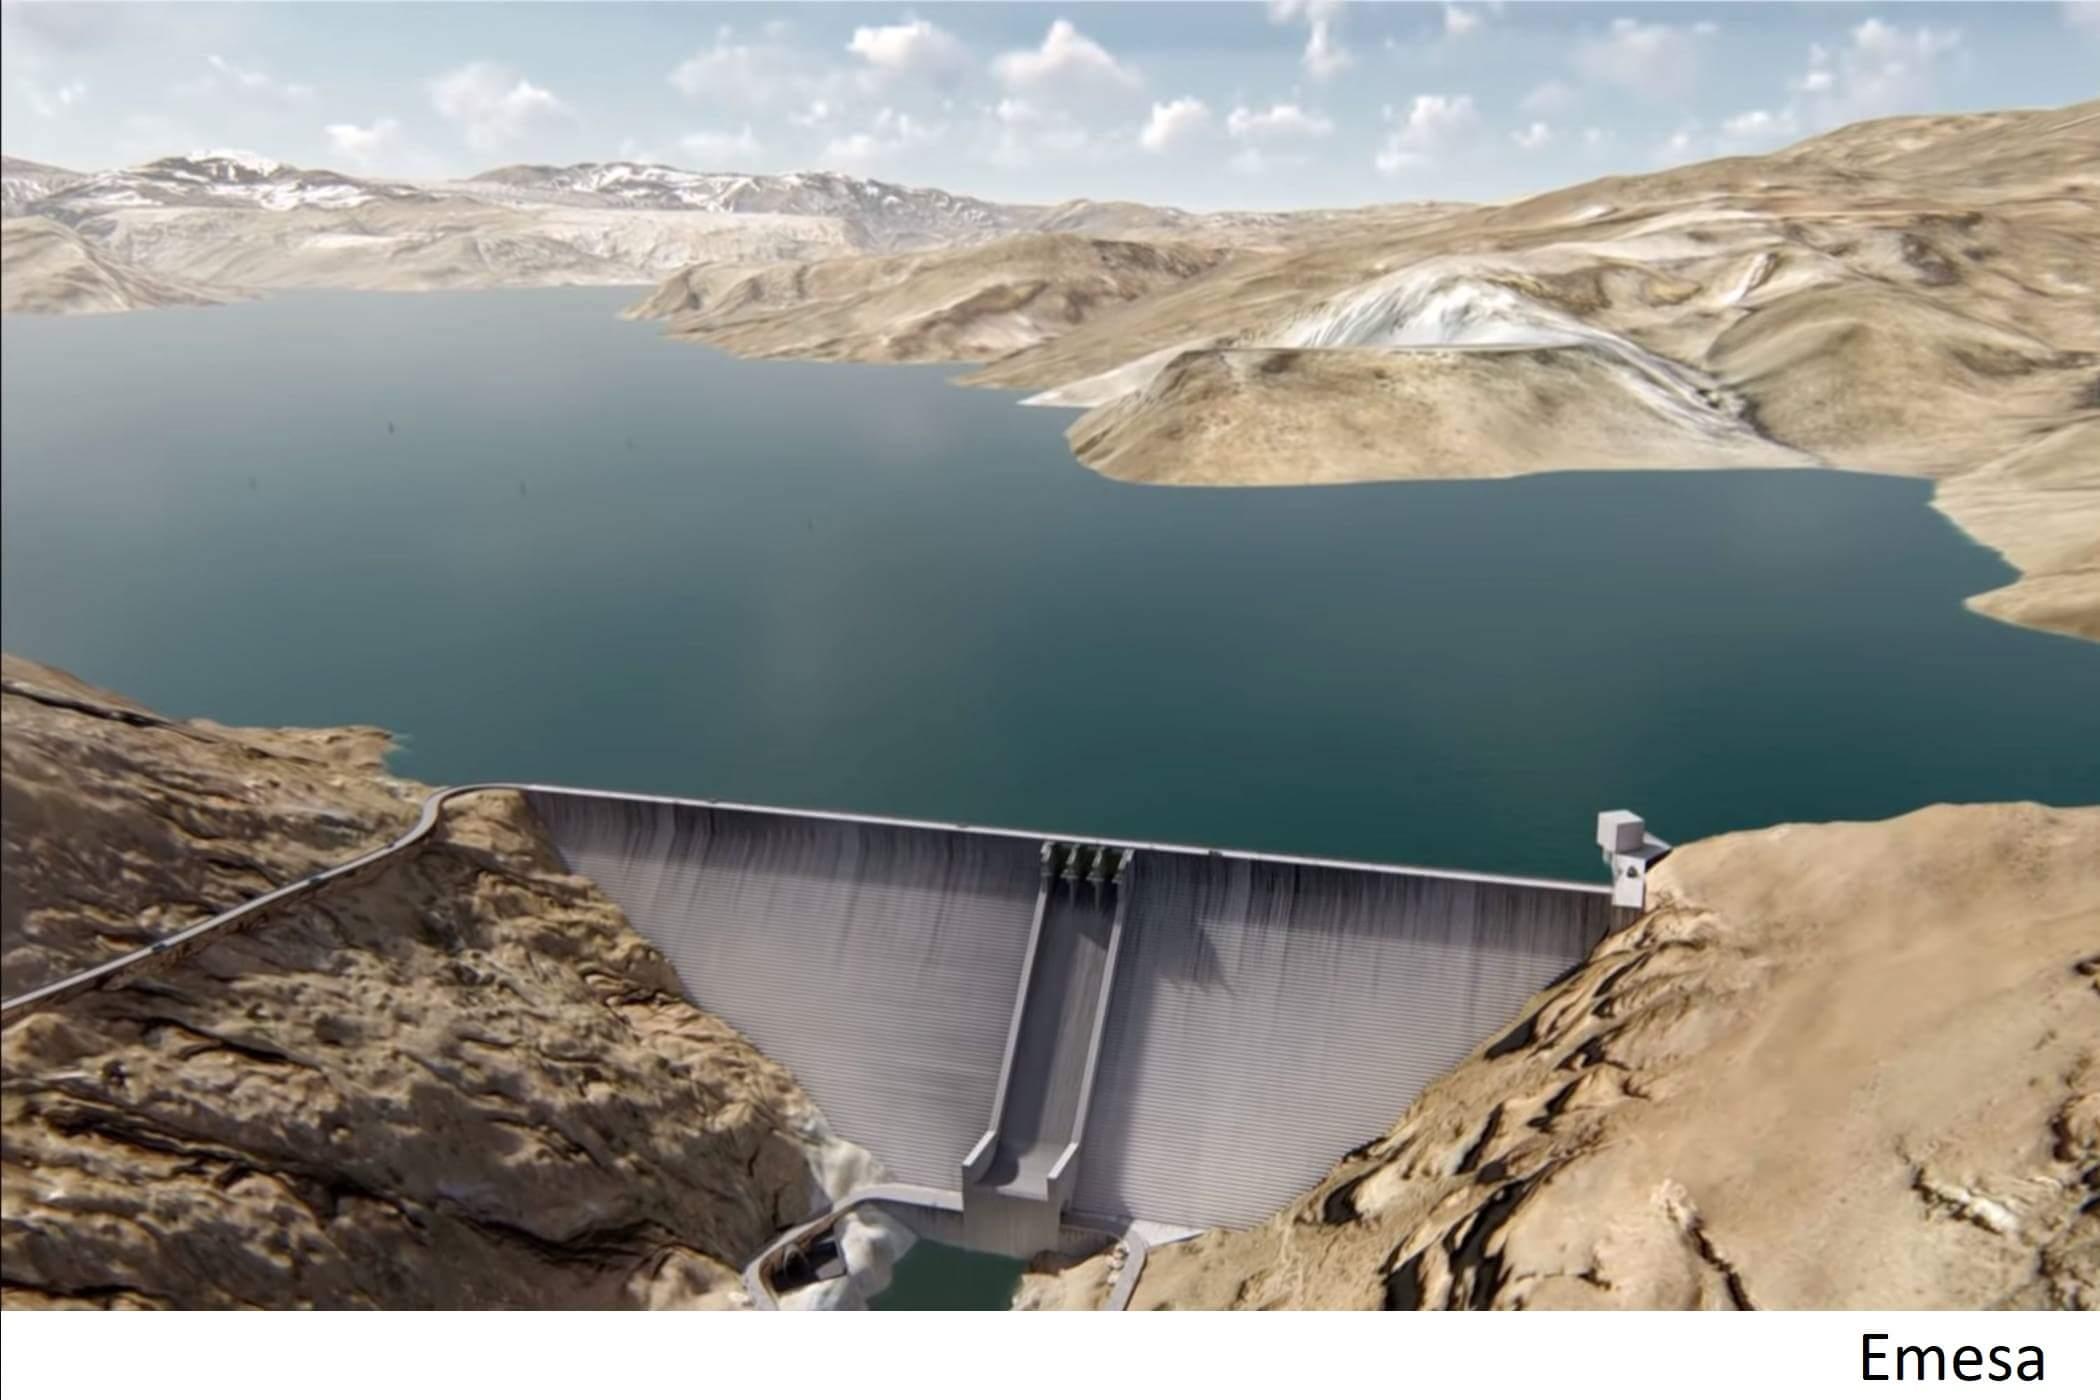 Hidroeléctrica argentina Portezuelo del Viento costará 42% más de lo esperado